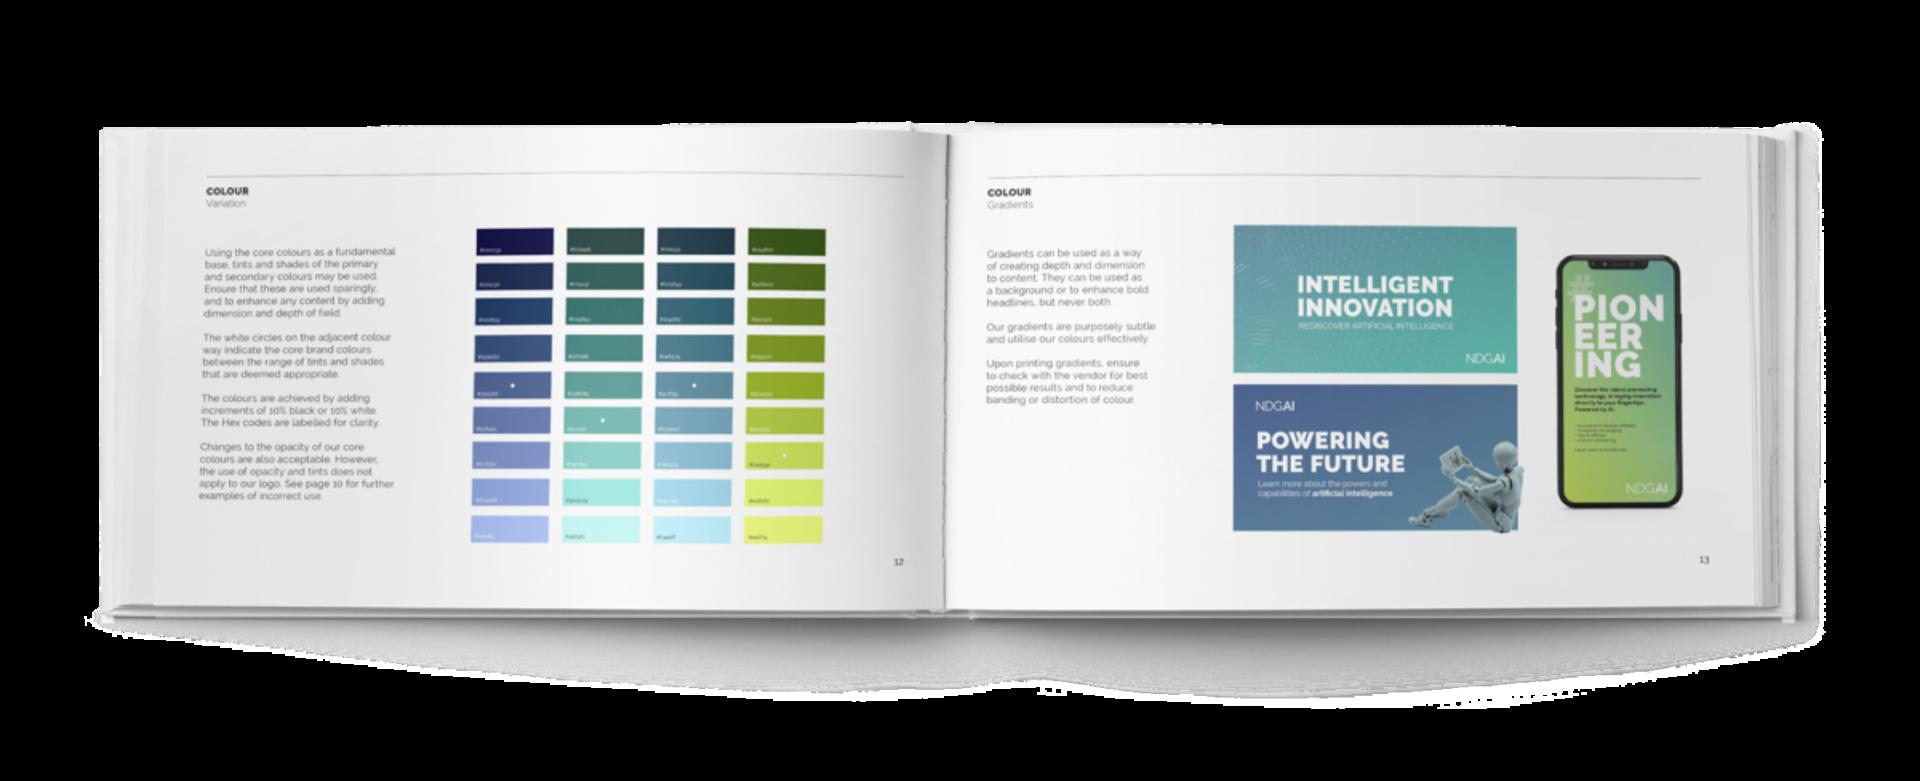 NDGAI branding visual guidelines inside